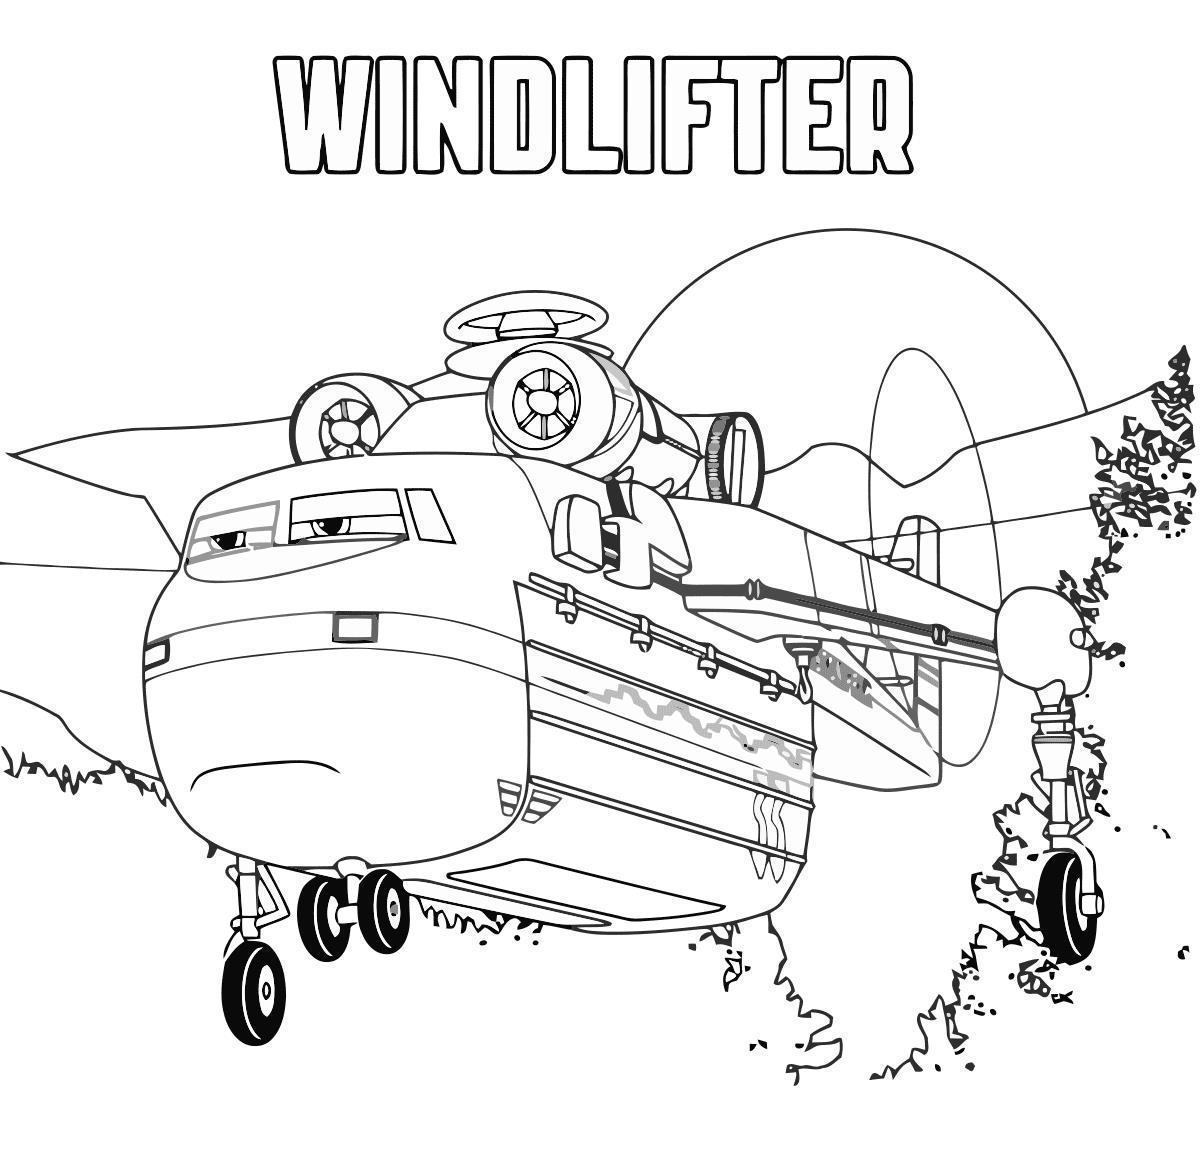 самолеты дисней виндлфтер из мультфильма скачать раскраски